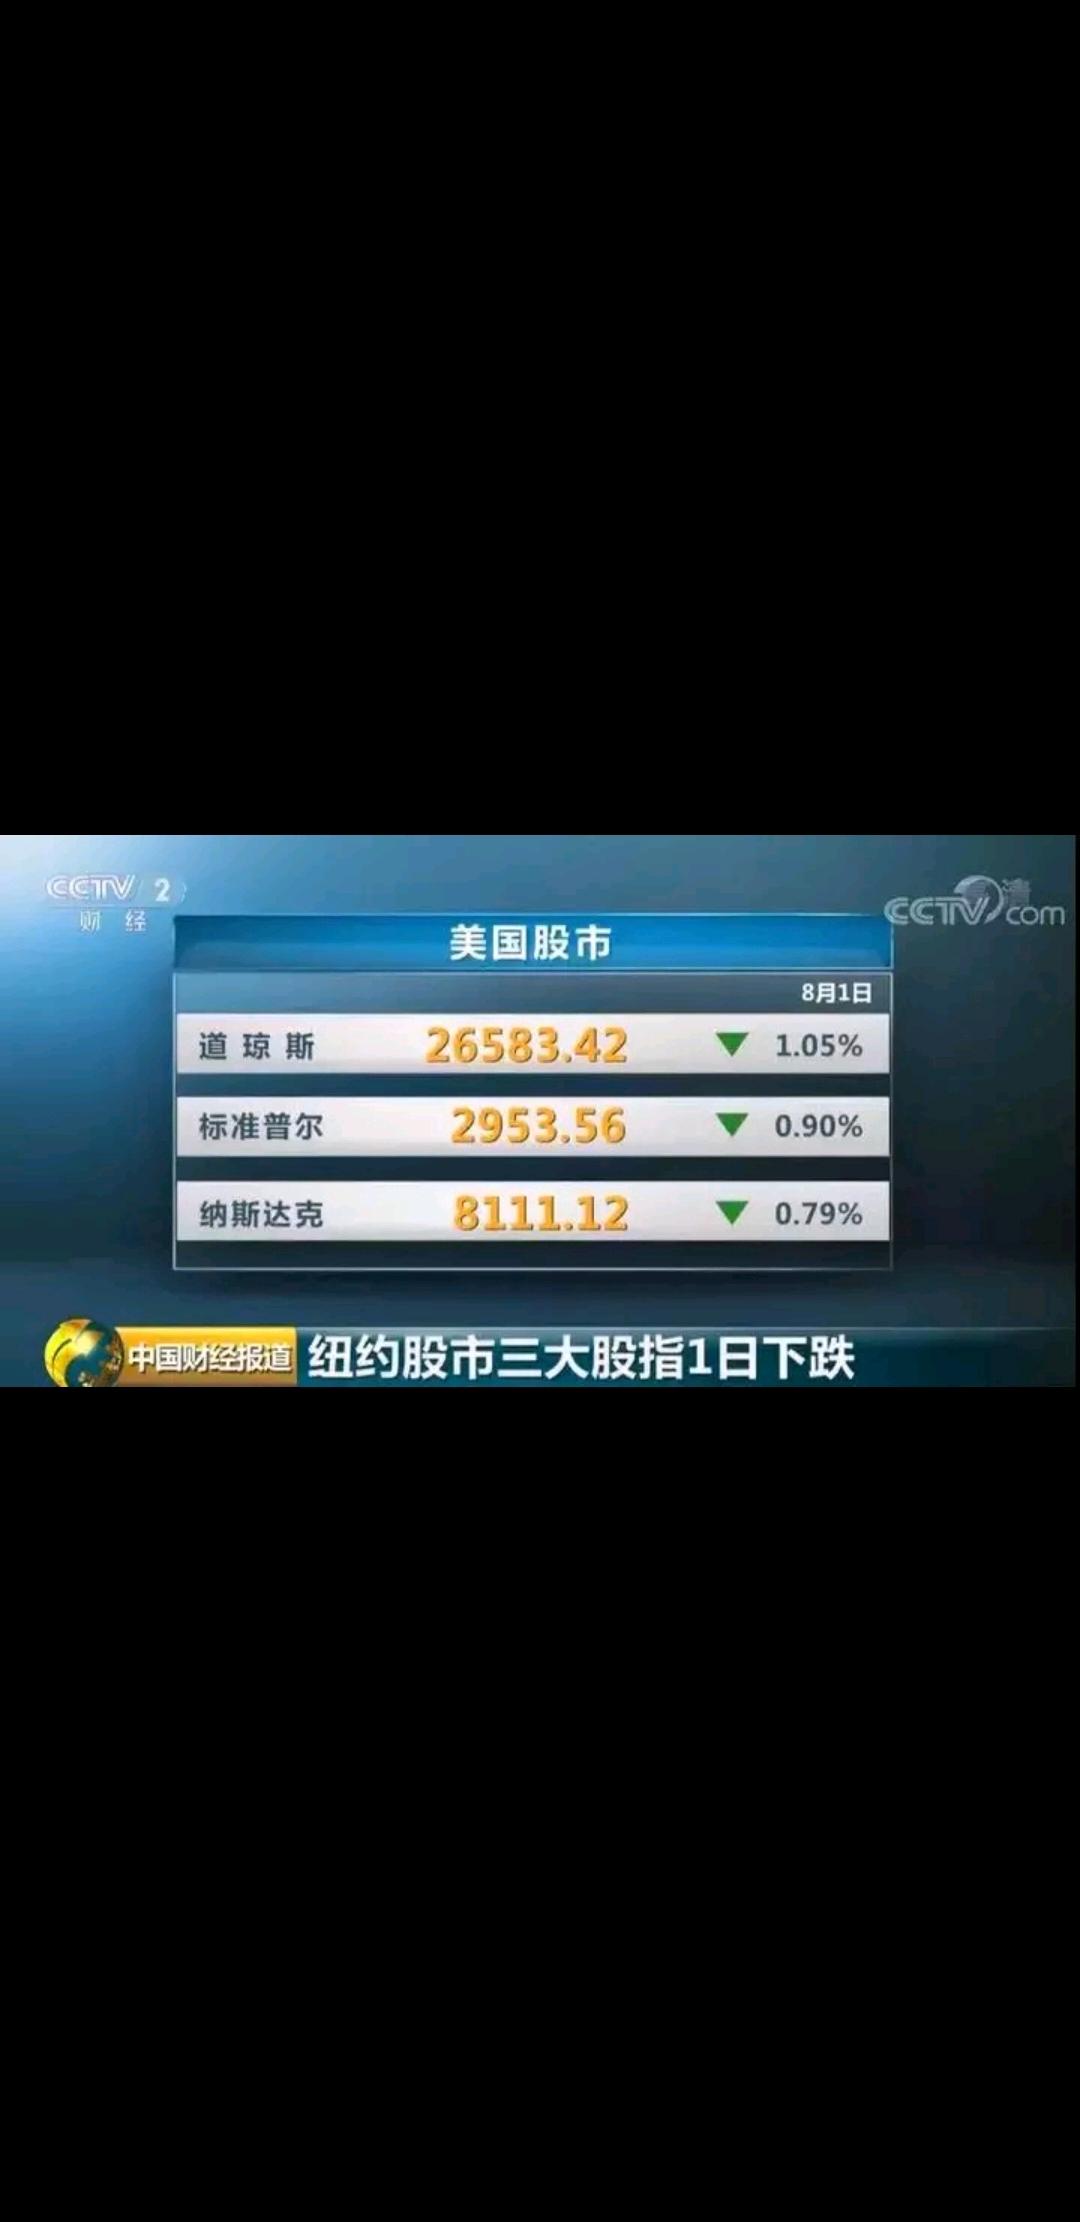 标准普尔500种股票指数收于2953.56点,跌幅为0.90%.